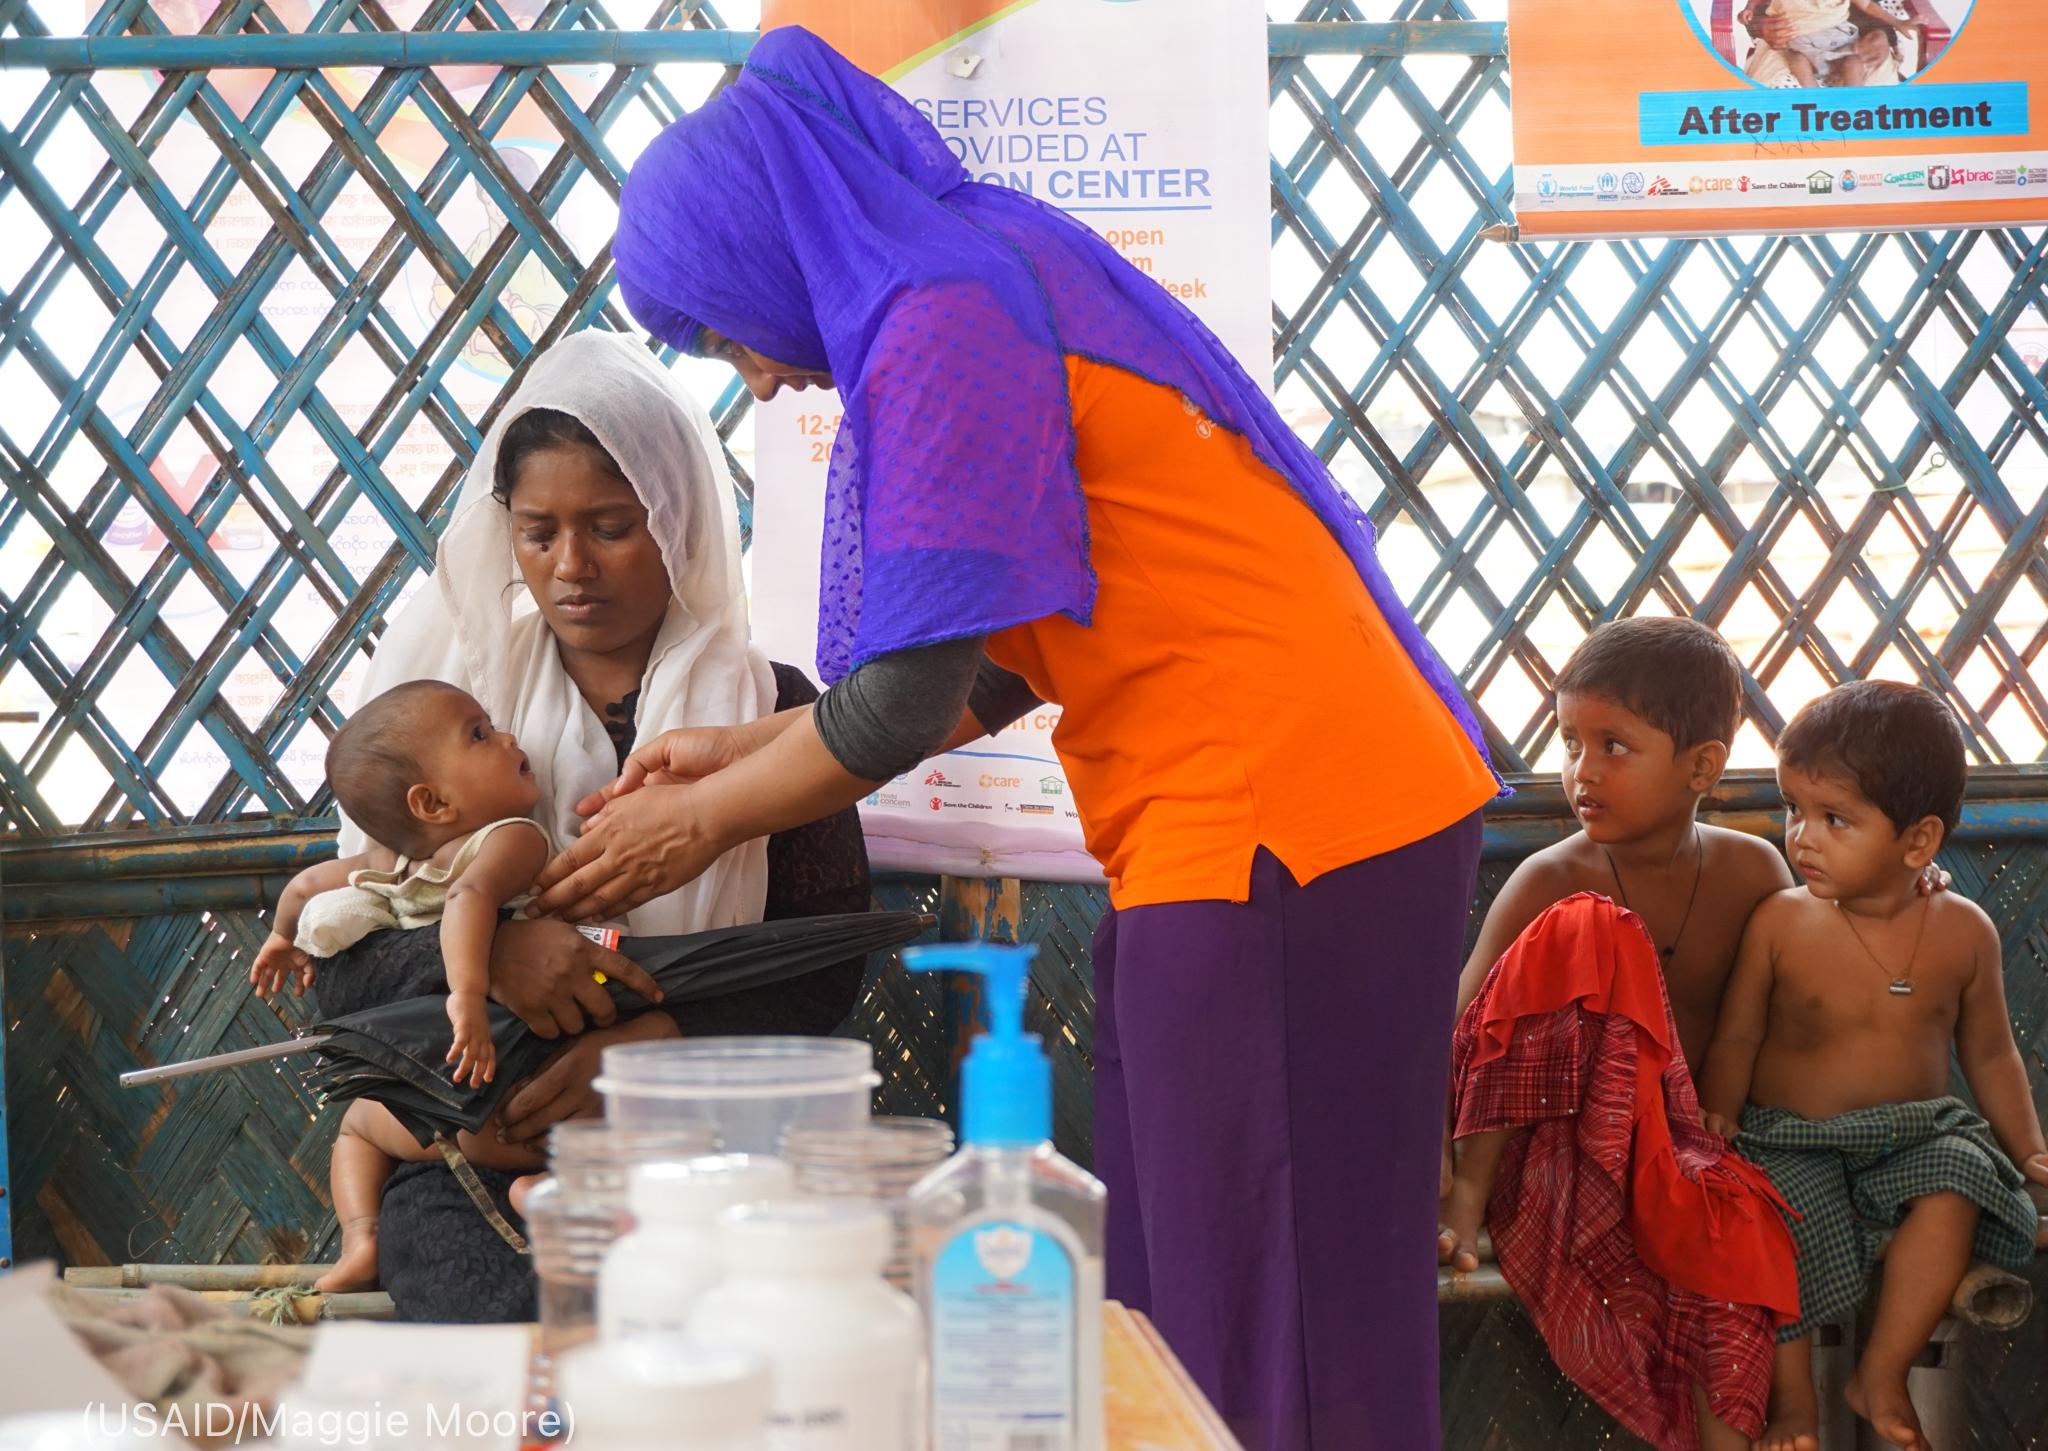 Una mujer sostiene un bebé para que sea examinado por otra mujer mientras dos niños observan (USAID/Maggie Moore)